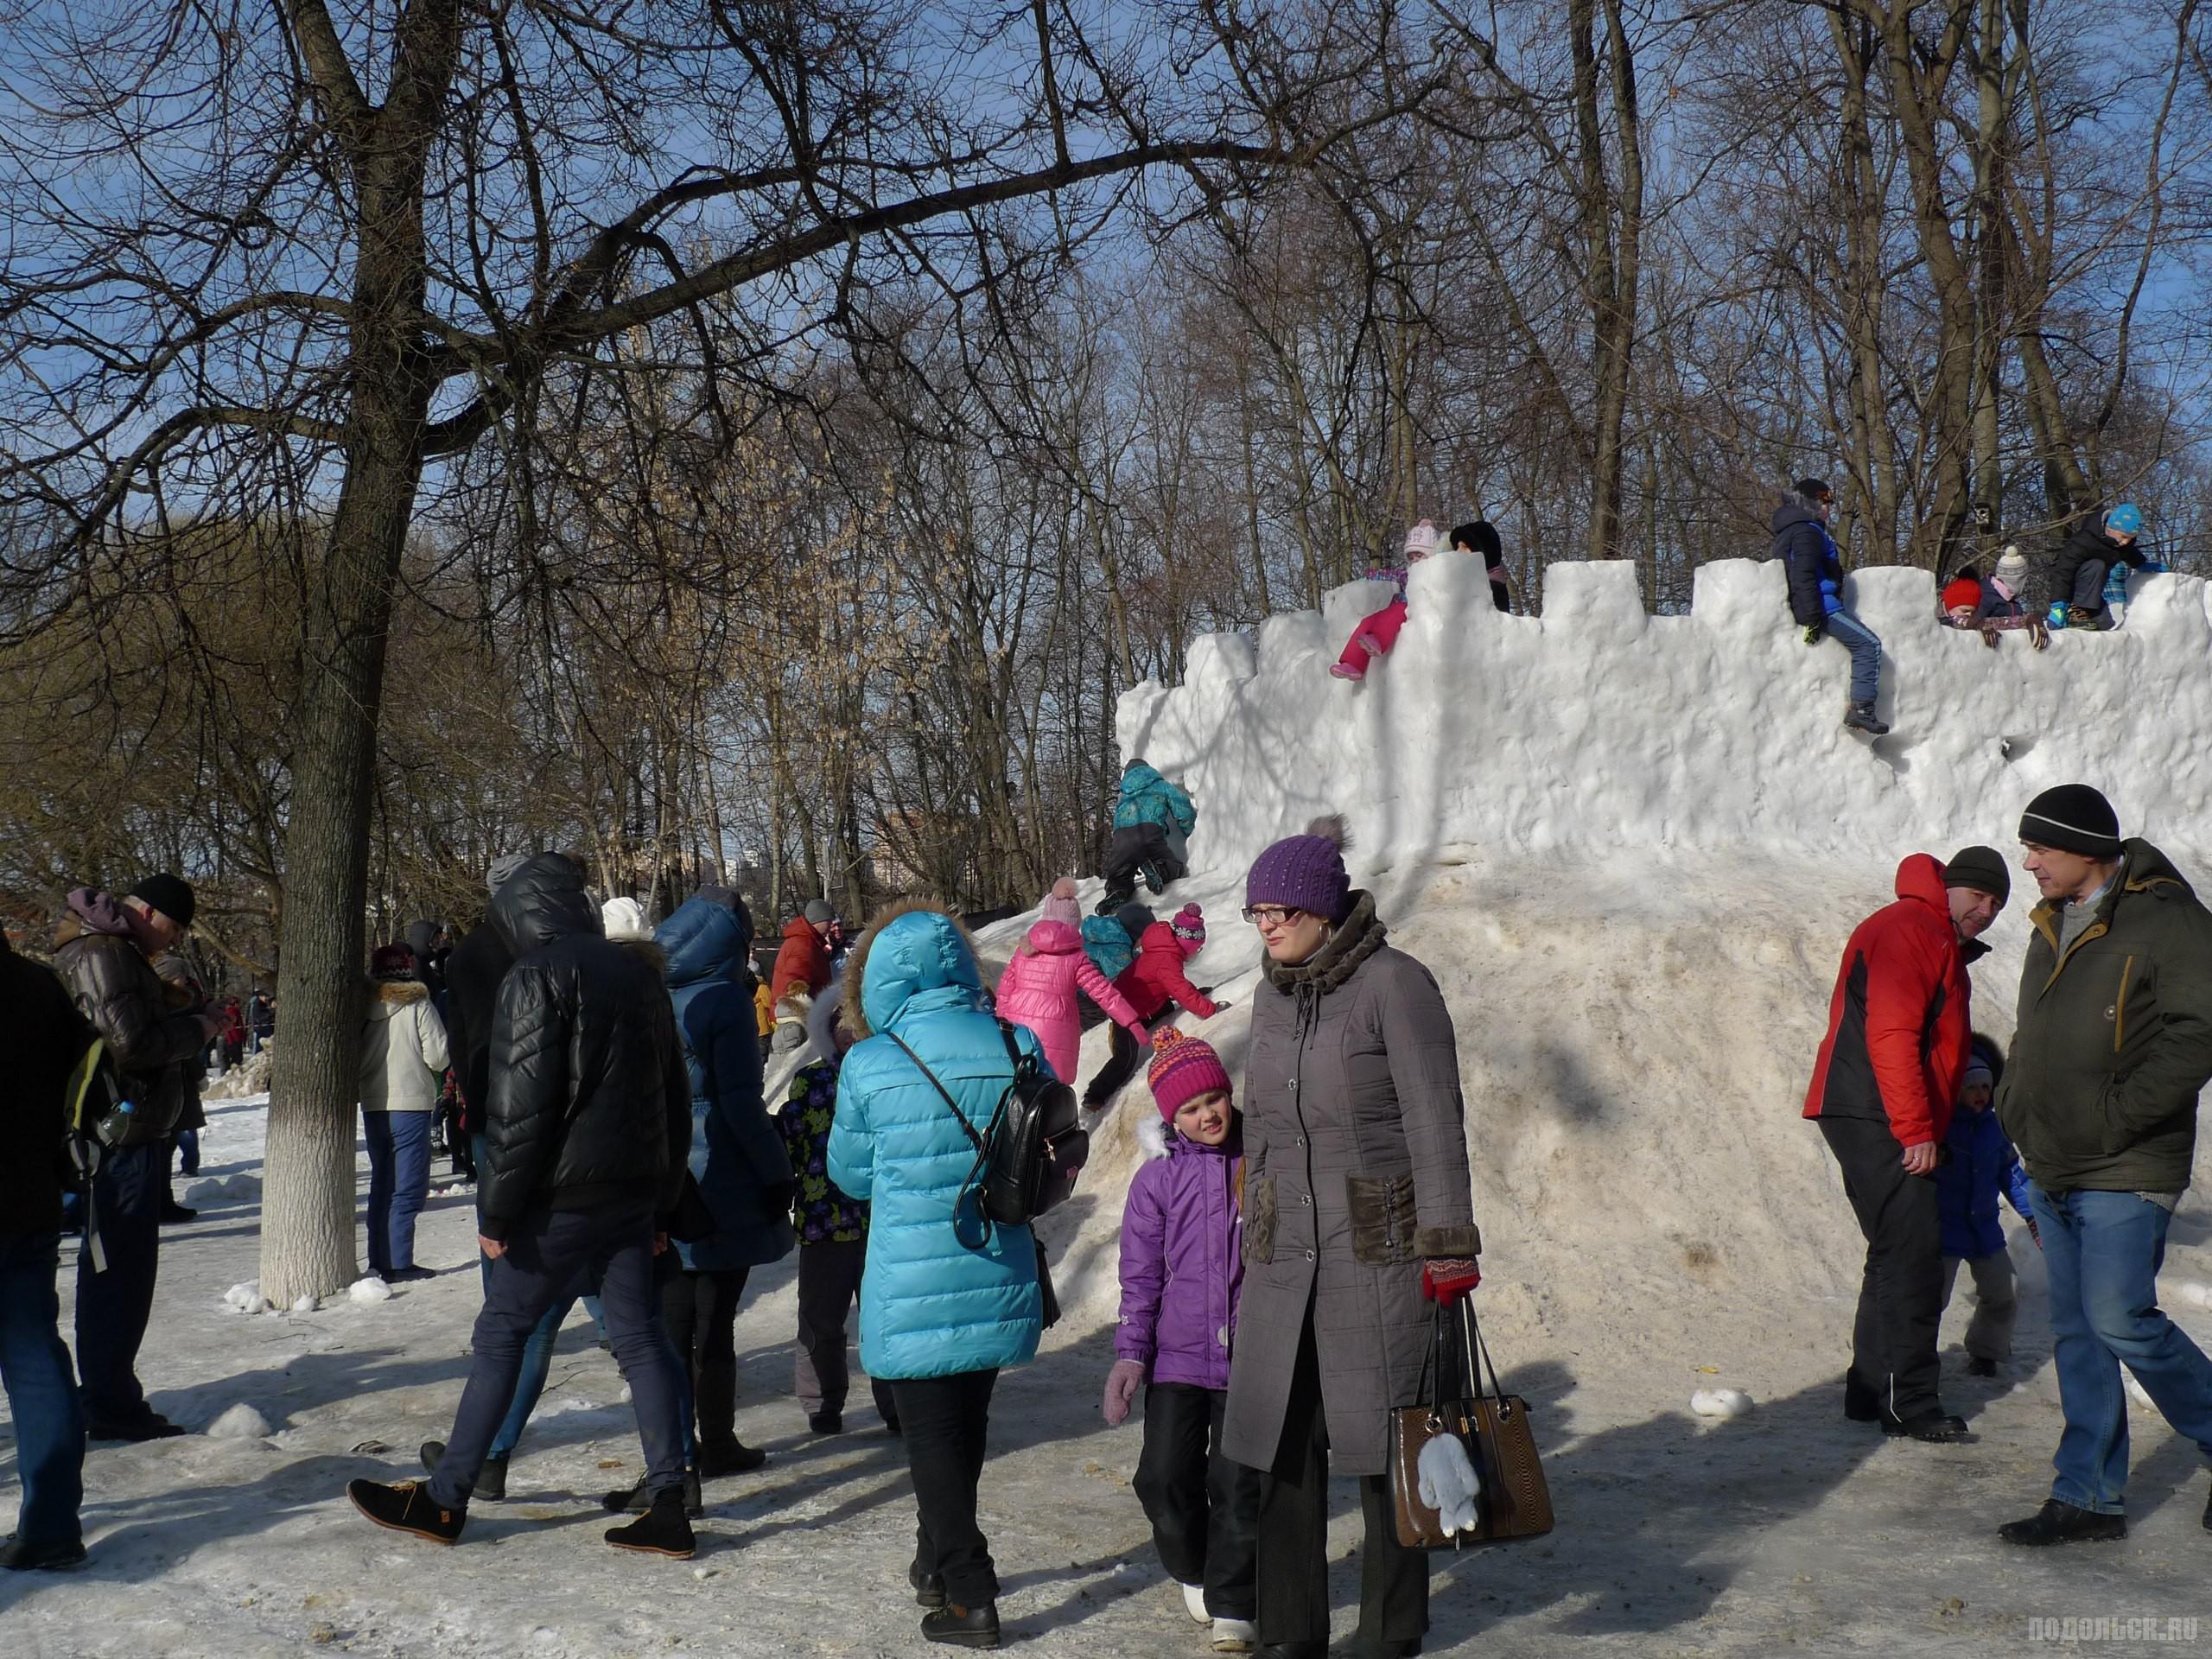 Дети взбираются на горку. Масленица в центральном парке.